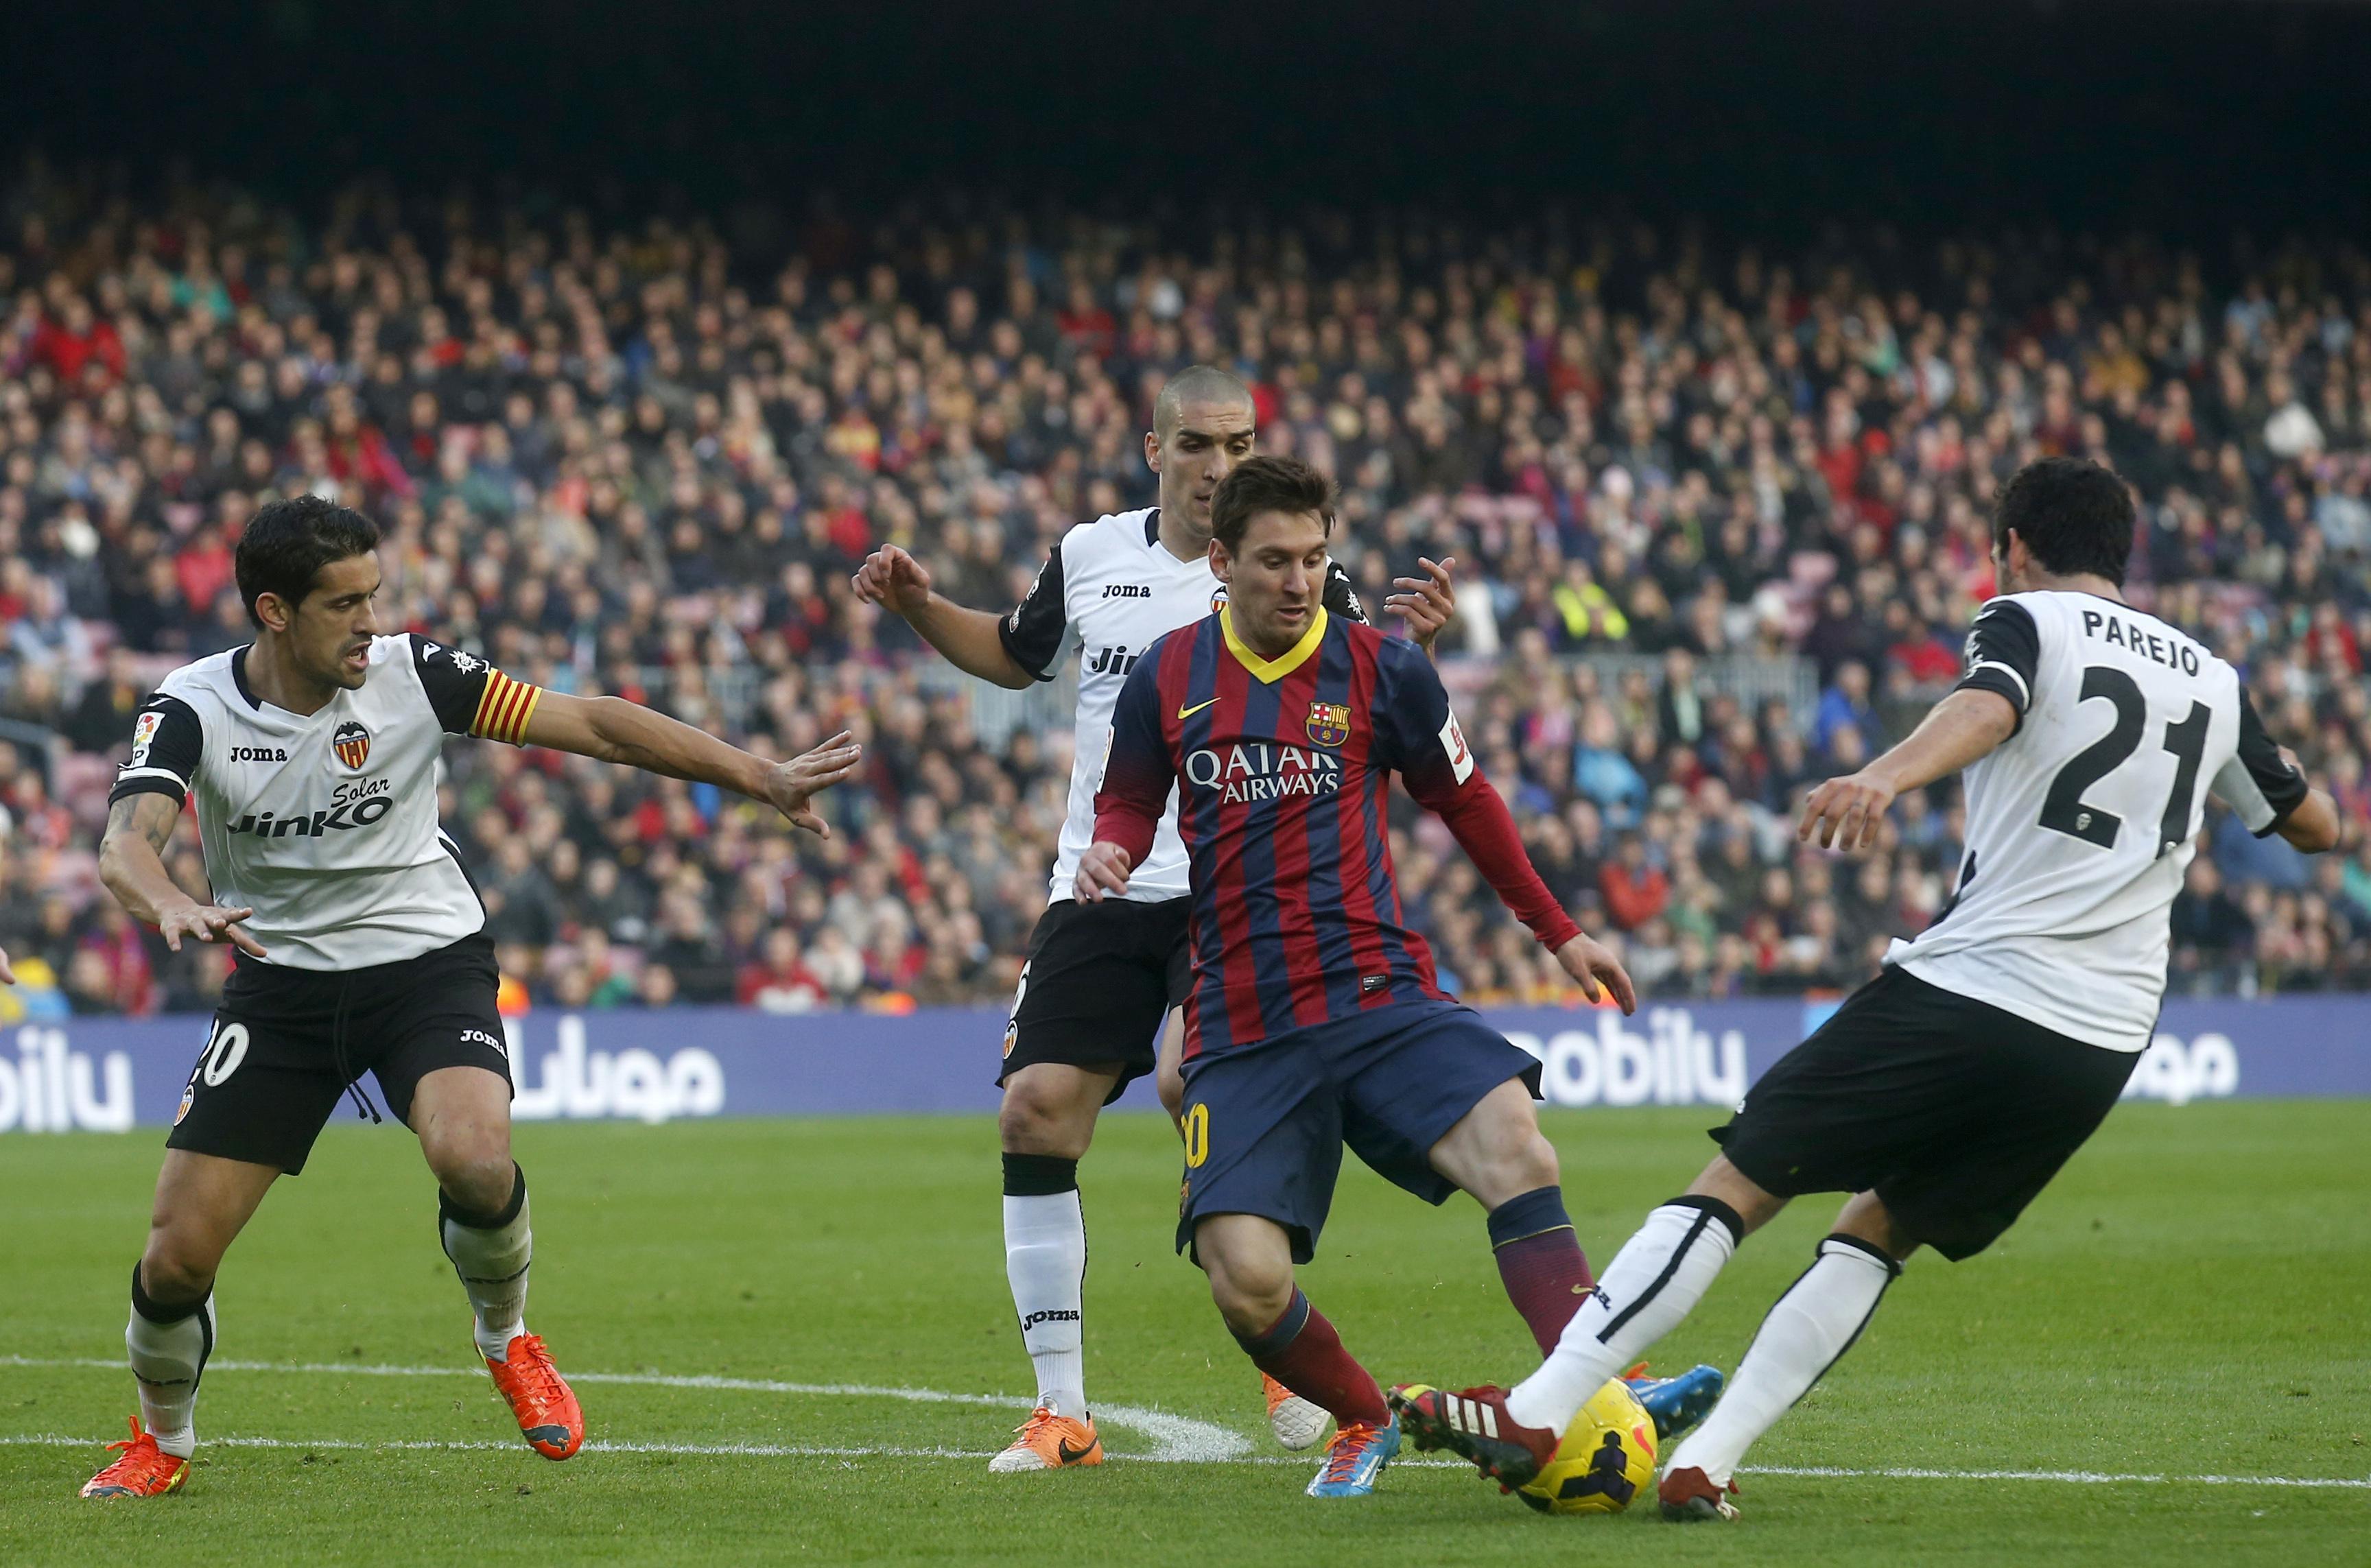 Прогноз на матч Вильярреал - Валенсия: тотал в три гола не будет превышен